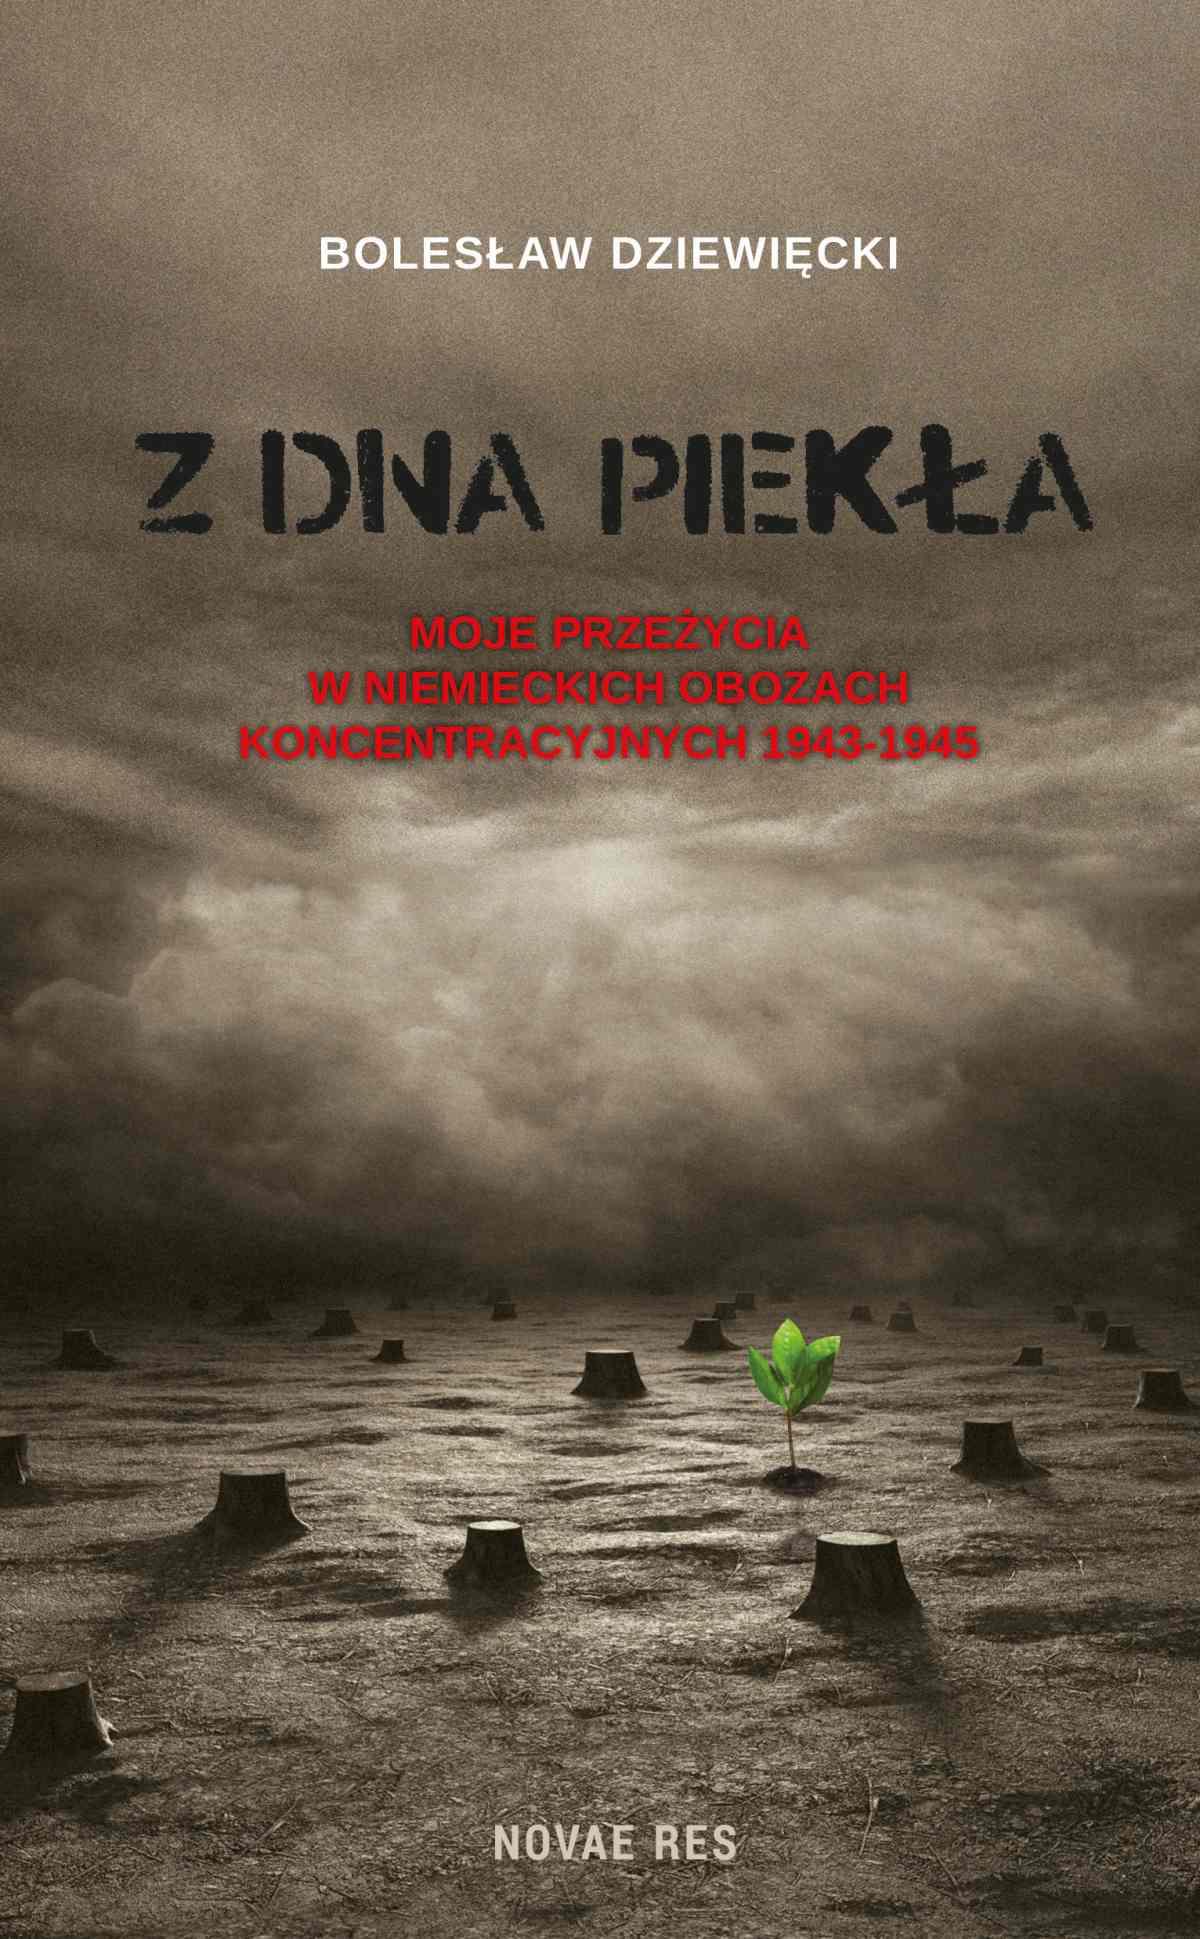 Z dna piekła. Moje przeżycia w niemieckich obozach koncentracyjnych 1943-1945 - Ebook (Książka EPUB) do pobrania w formacie EPUB